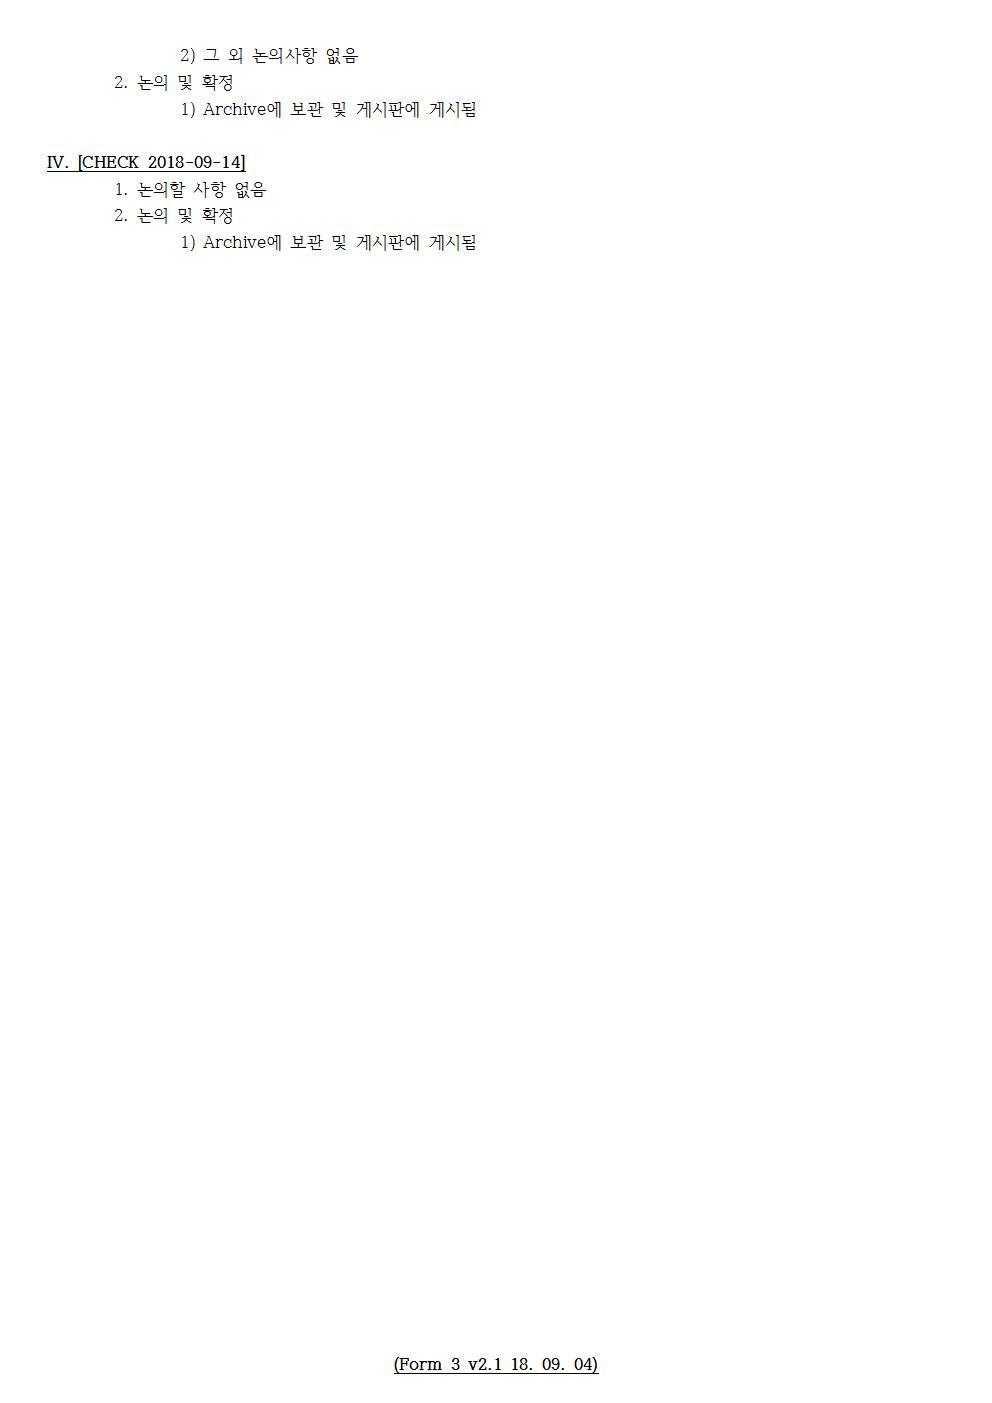 D-[18-018-PP-12]-[ICServ2018-Certification]-[2018-09-14][SH]002.jpg